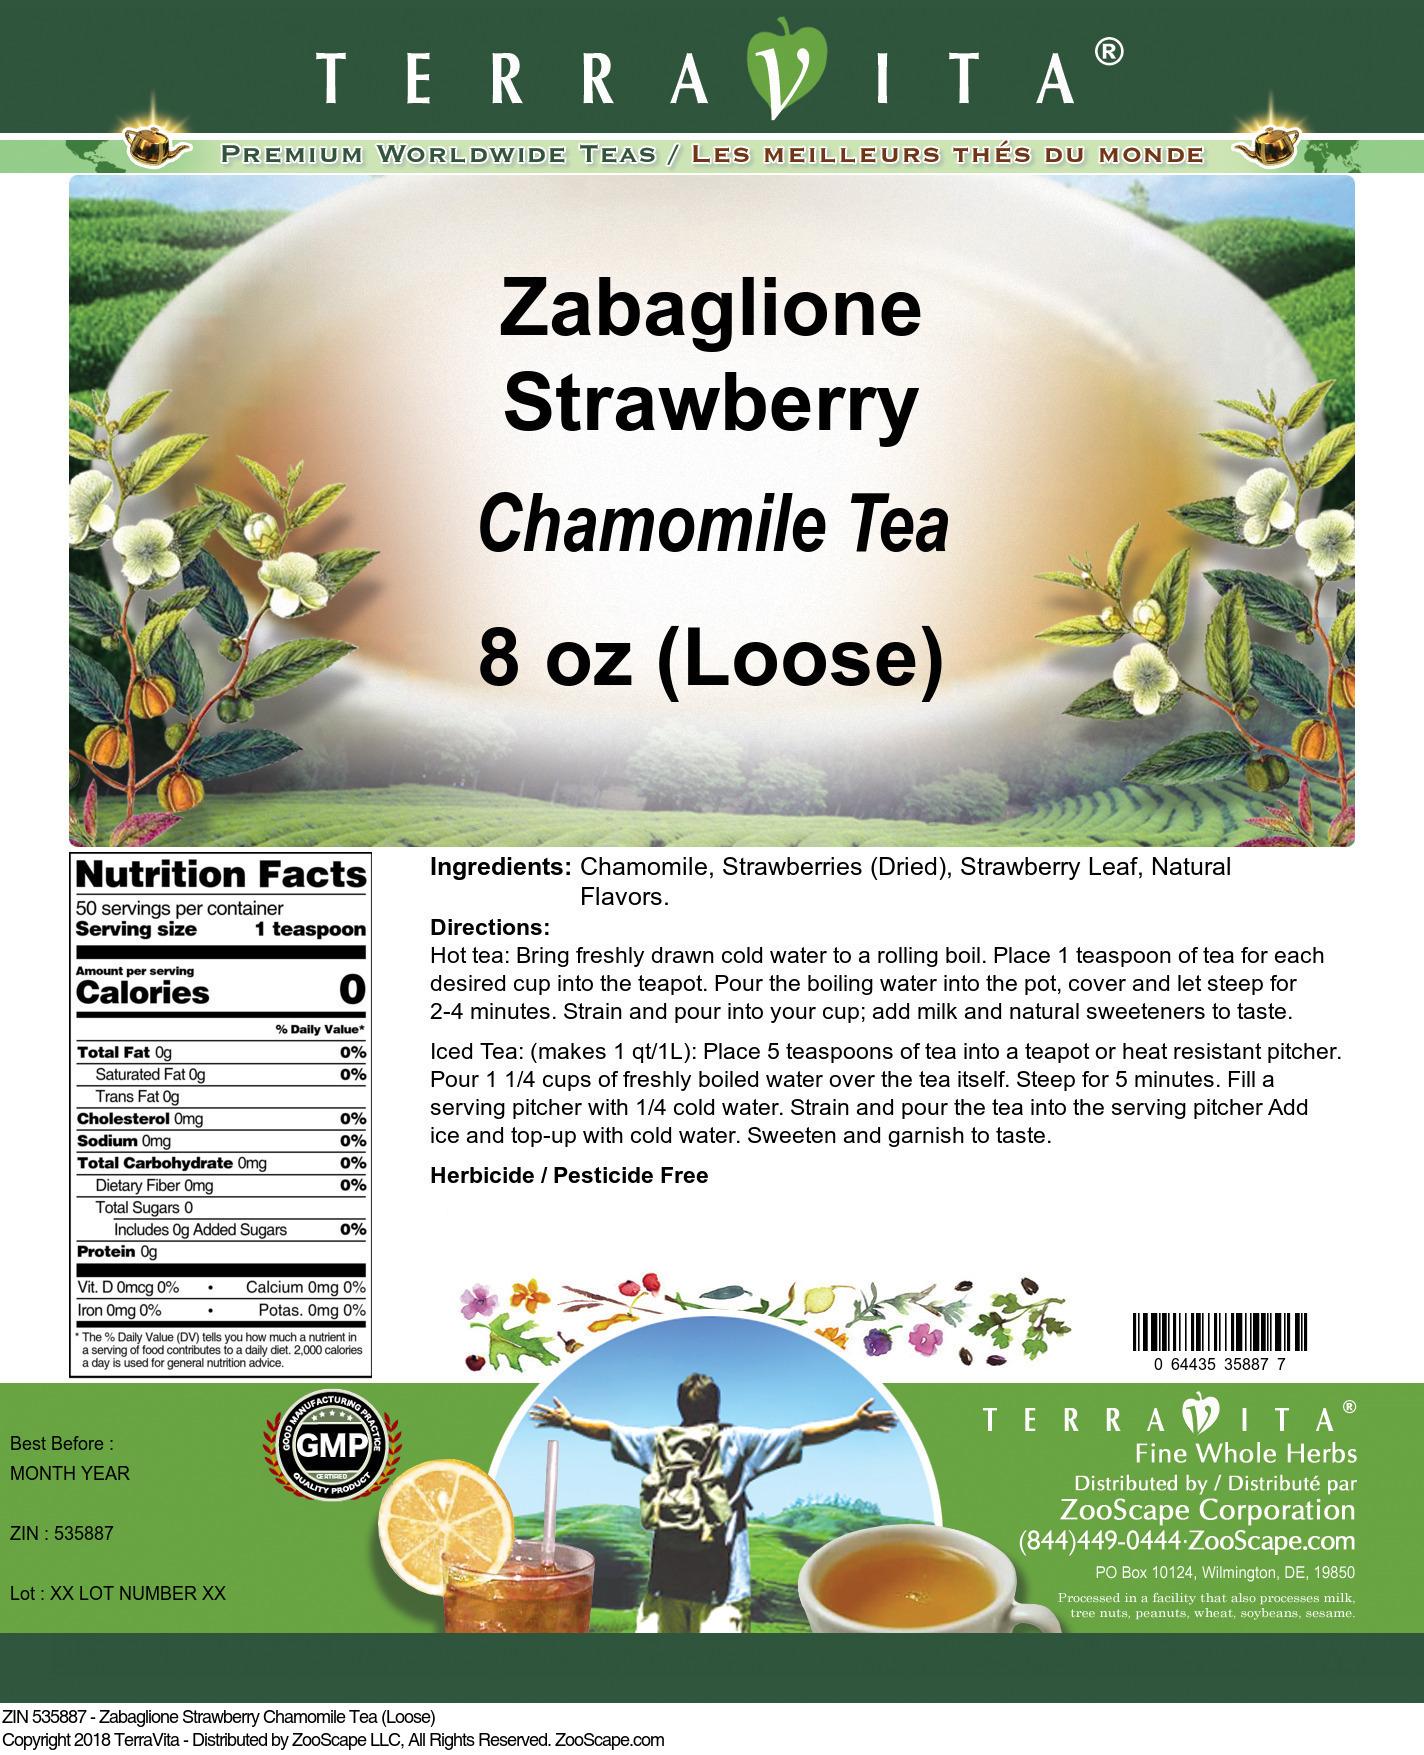 Zabaglione Strawberry Chamomile Tea